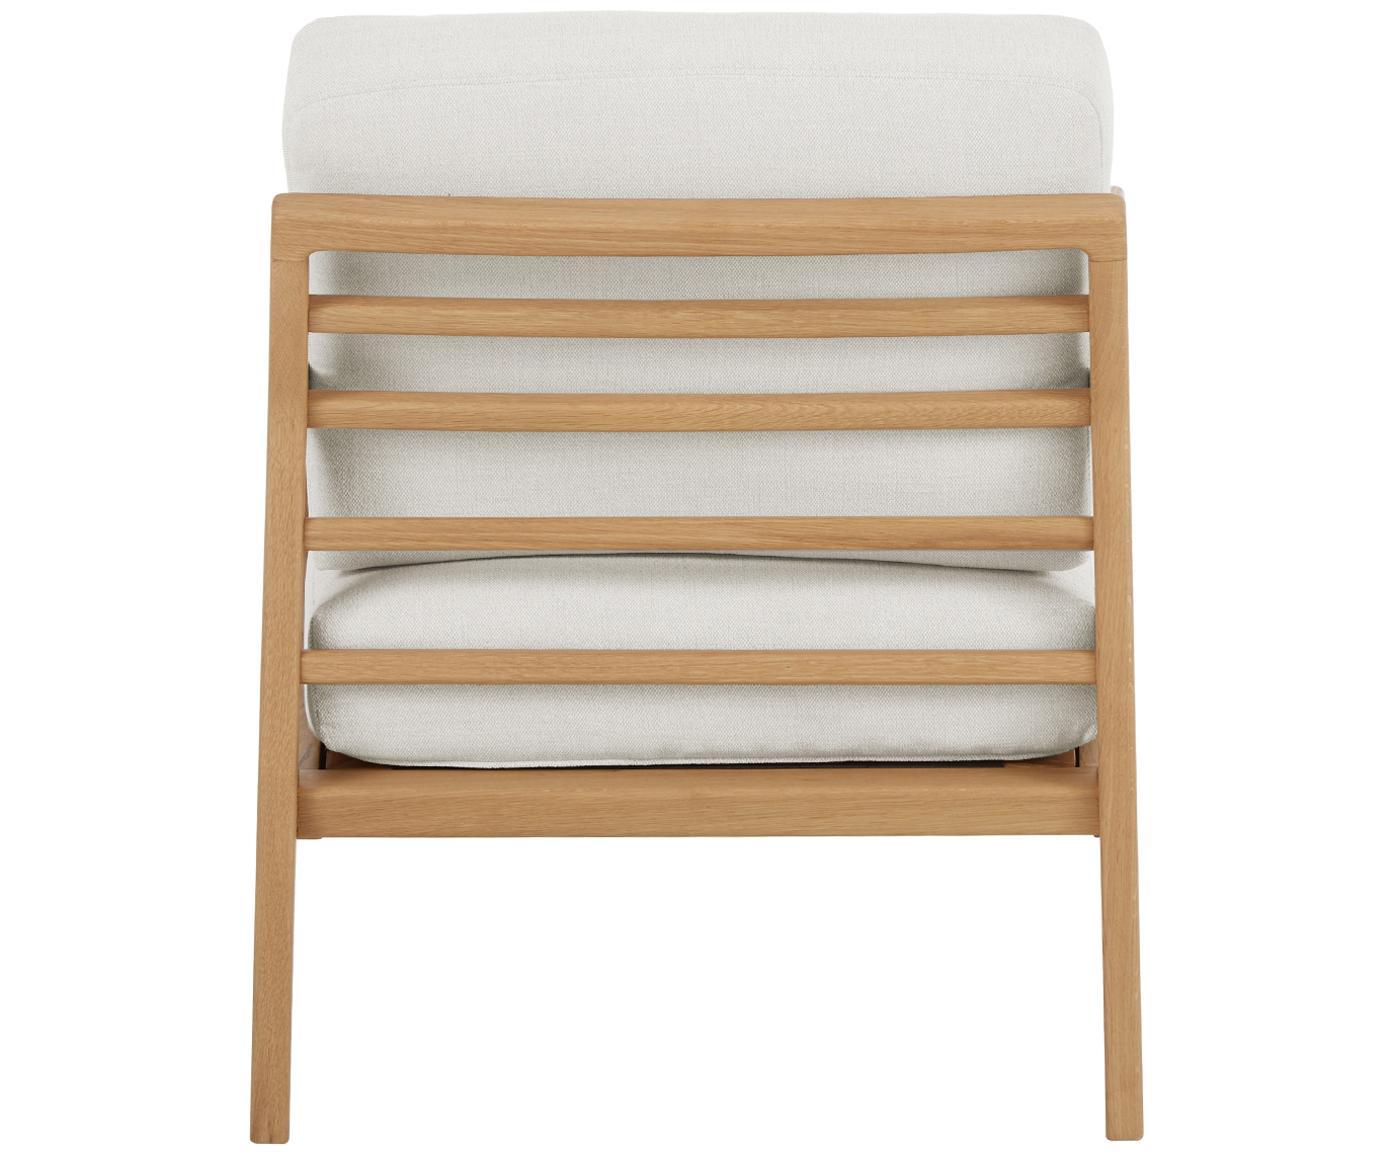 Fotel z podłokietnikami z drewna dębowego Becky, Tapicerka: poliester 35 000 cykli w , Stelaż: lite drewno dębowe, Beżowy, drewno dębowe, S 73 x G 90 cm